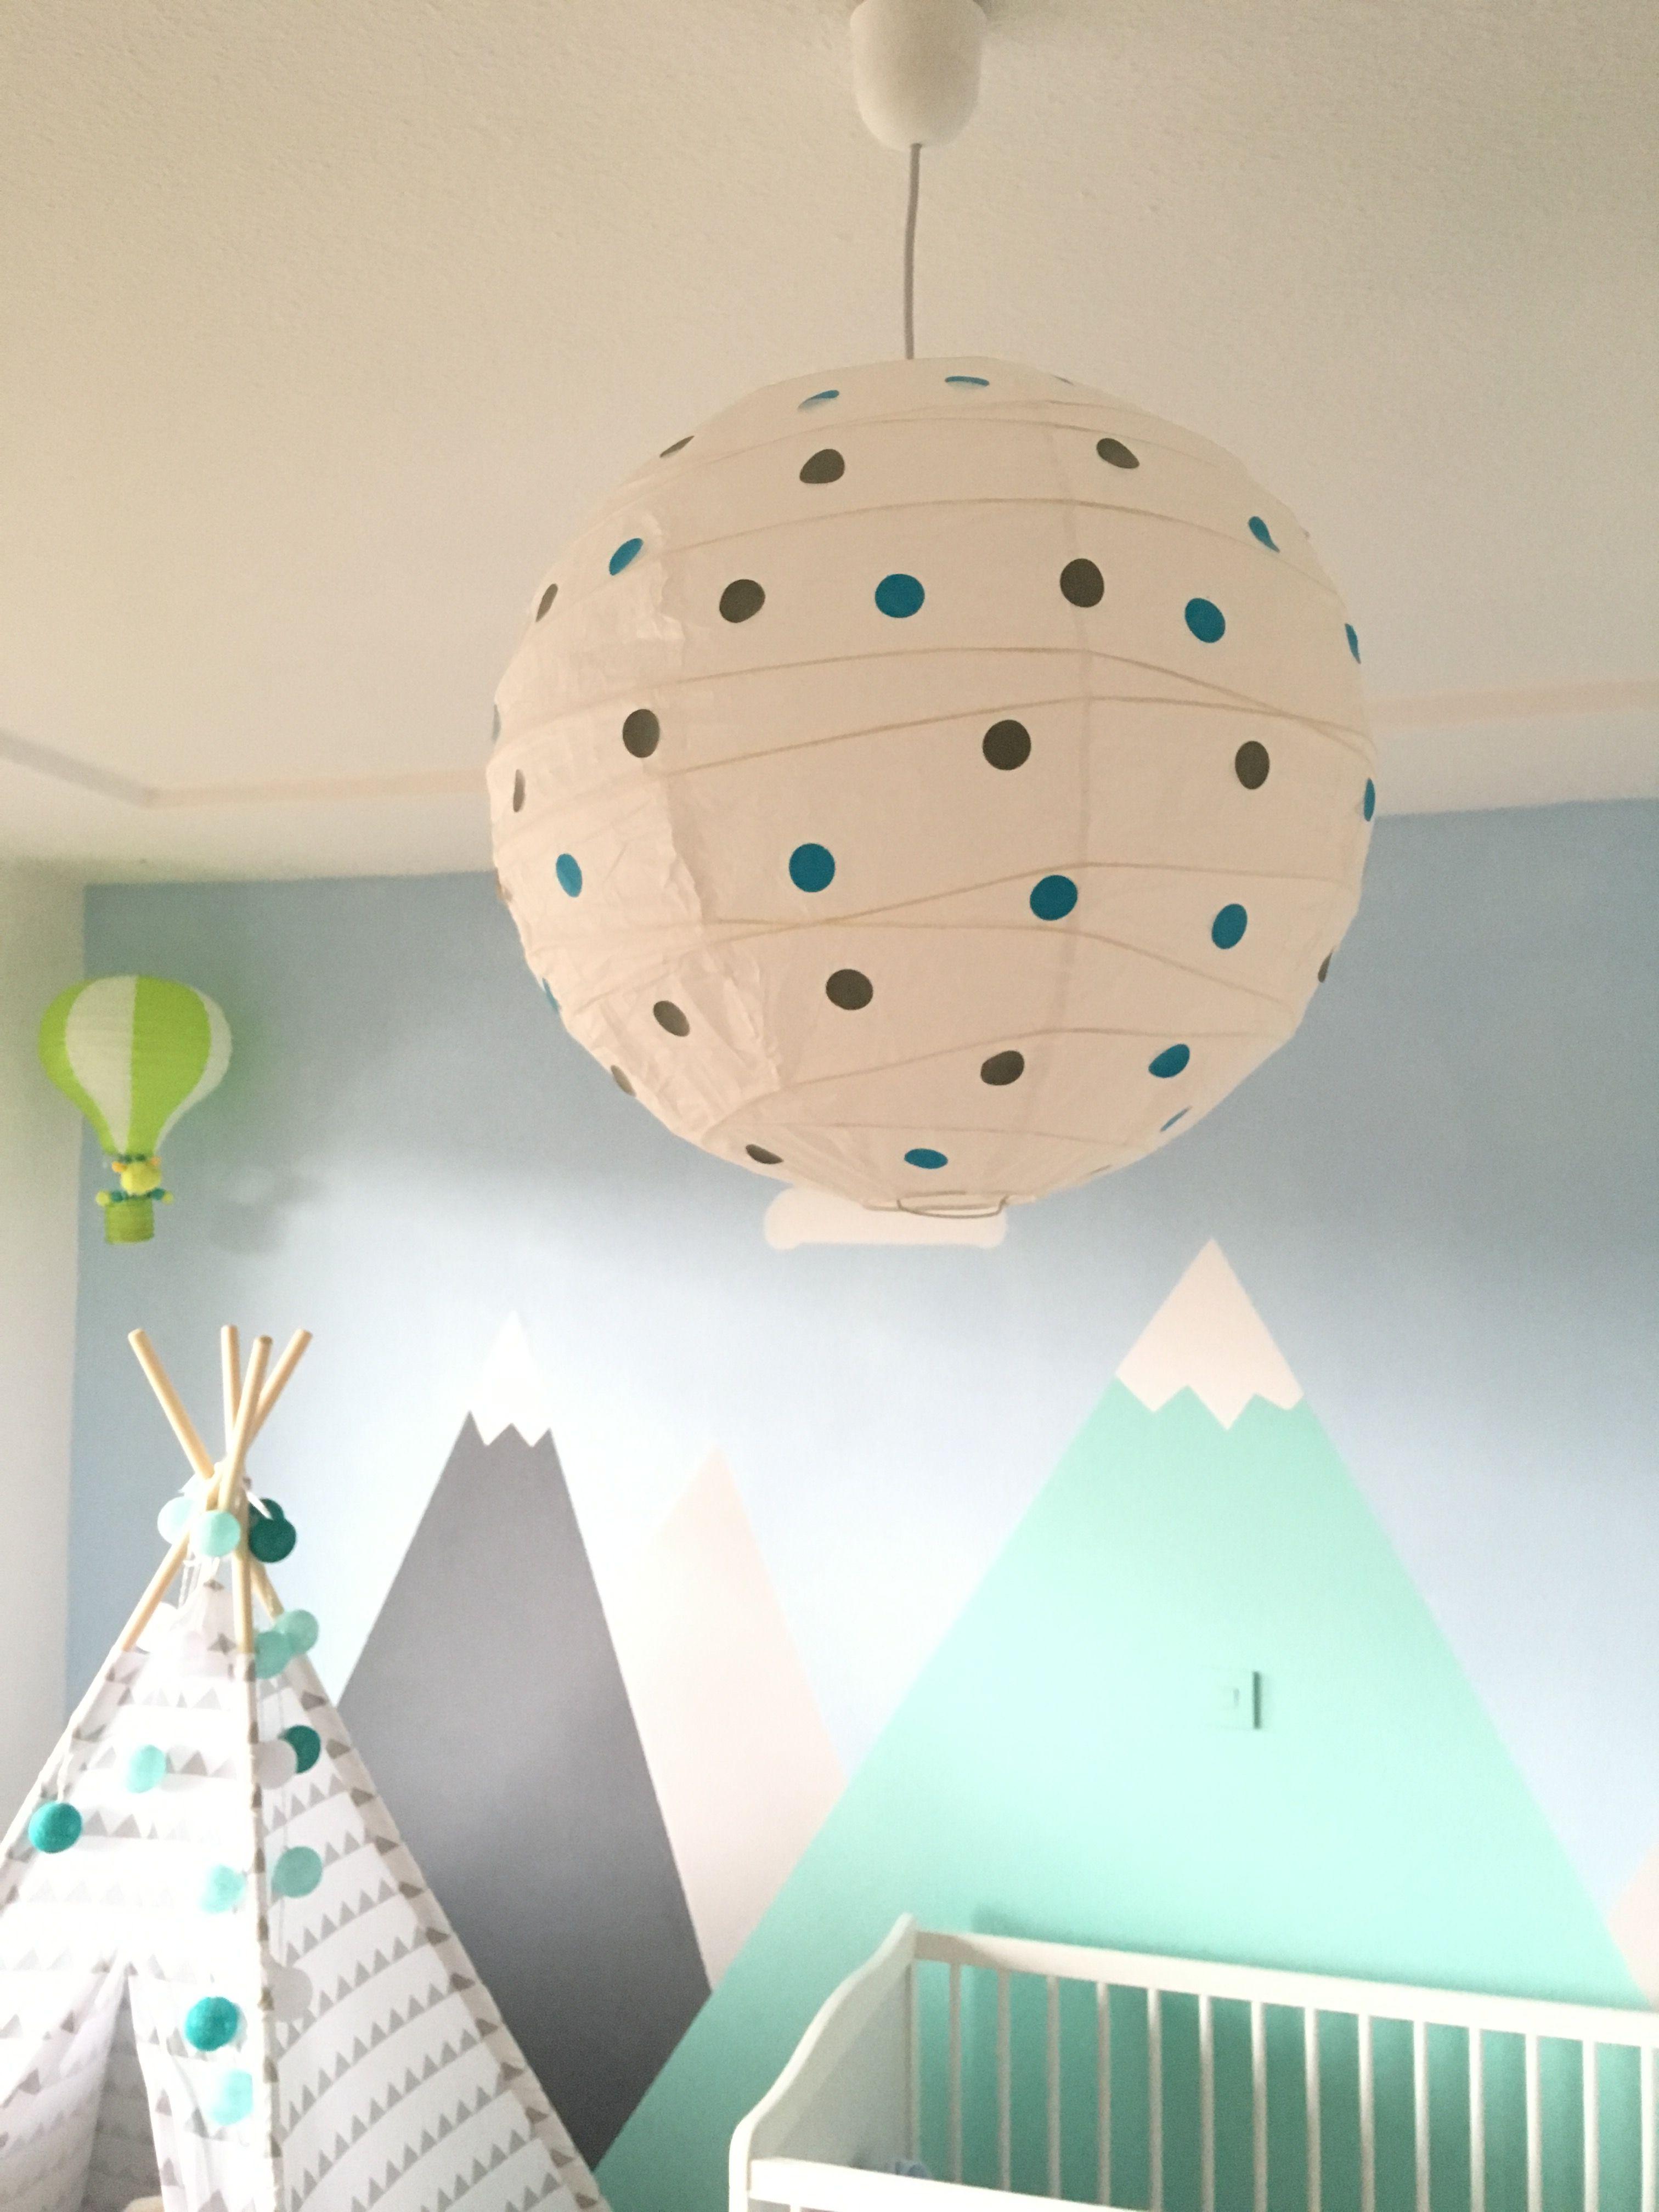 Lampe Kinderzimmer Idee Kinderzimmerlampe Deckenlampe Punkte